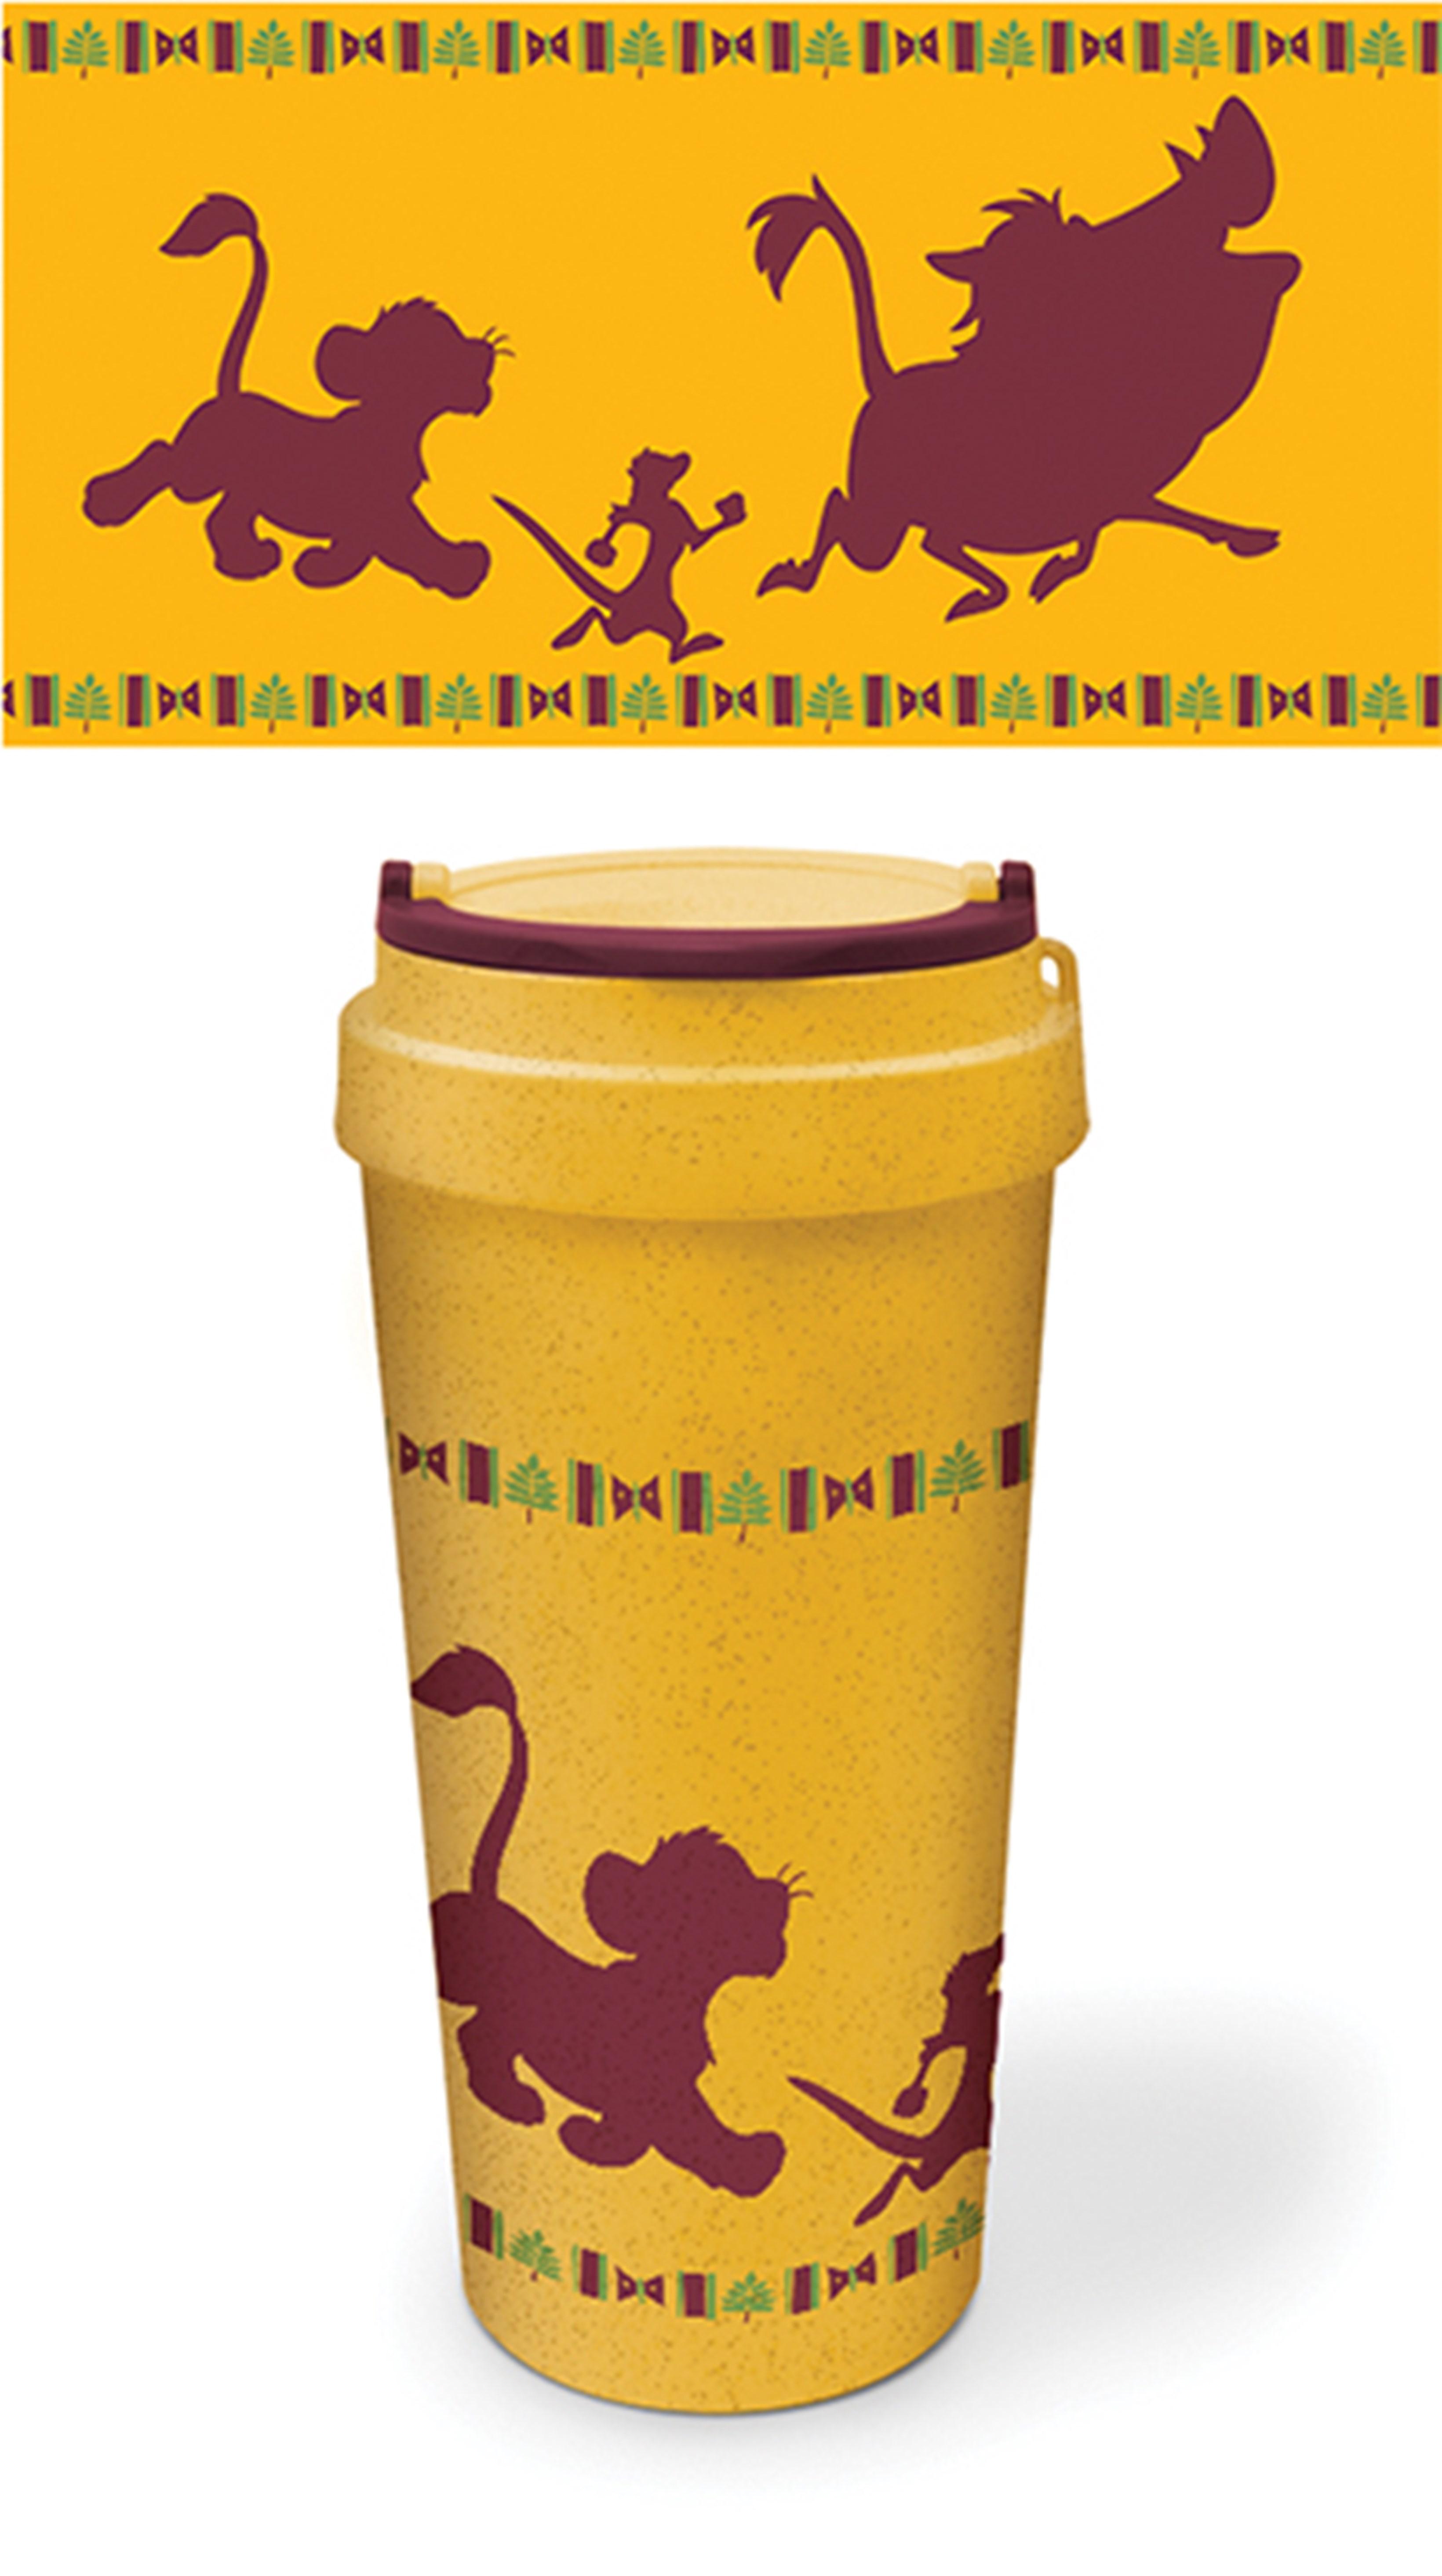 Lion King: Hakuna Matata Eco Mug - 1